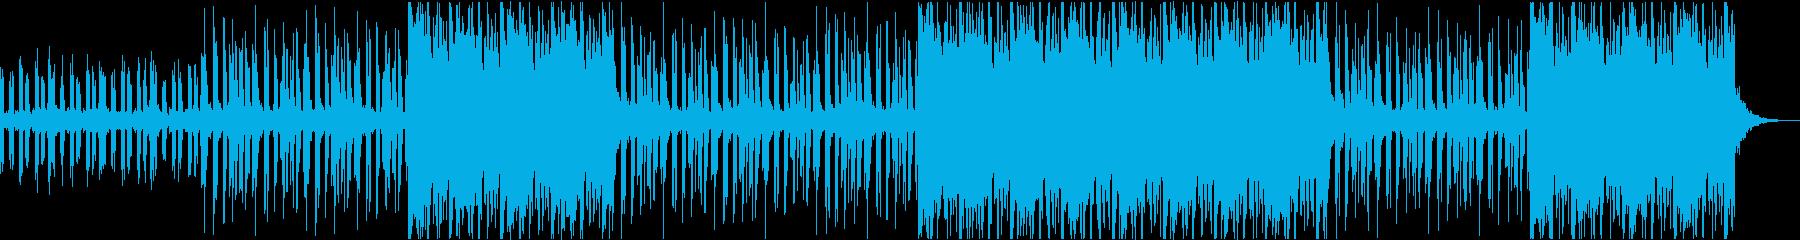 ゆったりと流れるトロピカルヒップホップビの再生済みの波形